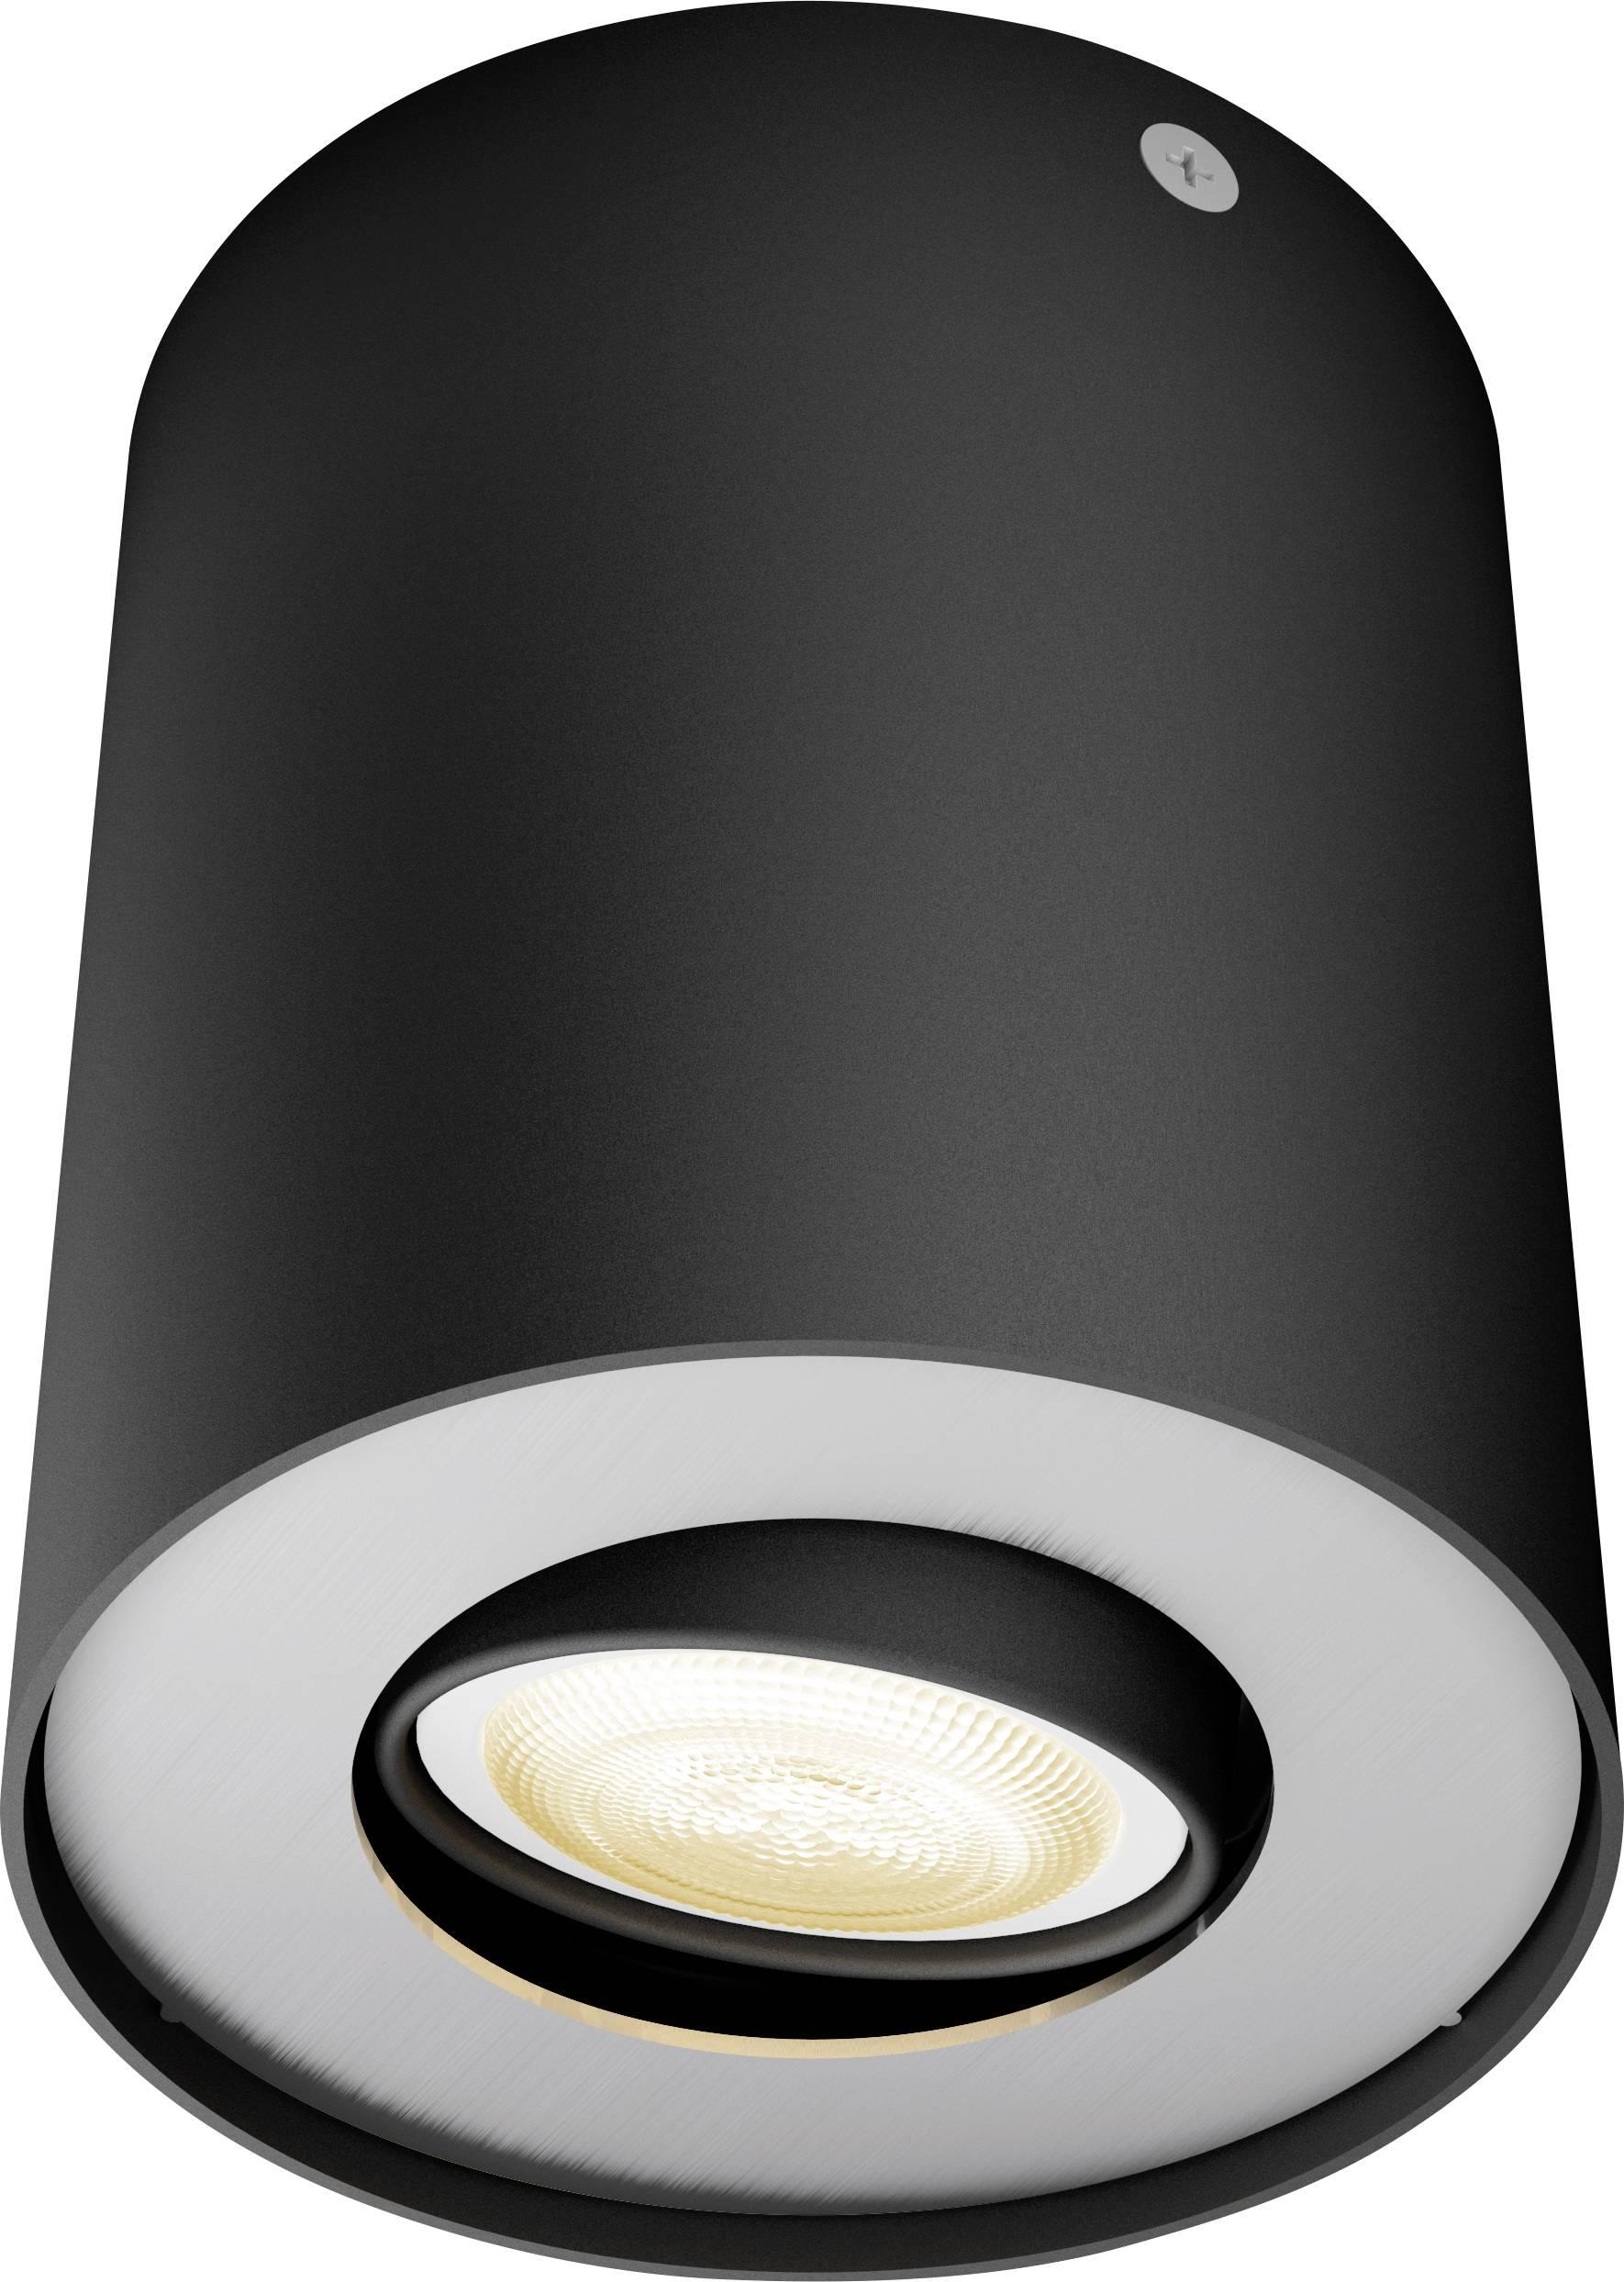 izdelek-philips-lighting-hue-led-stropna-in-stenska-svetilka-pillar-2